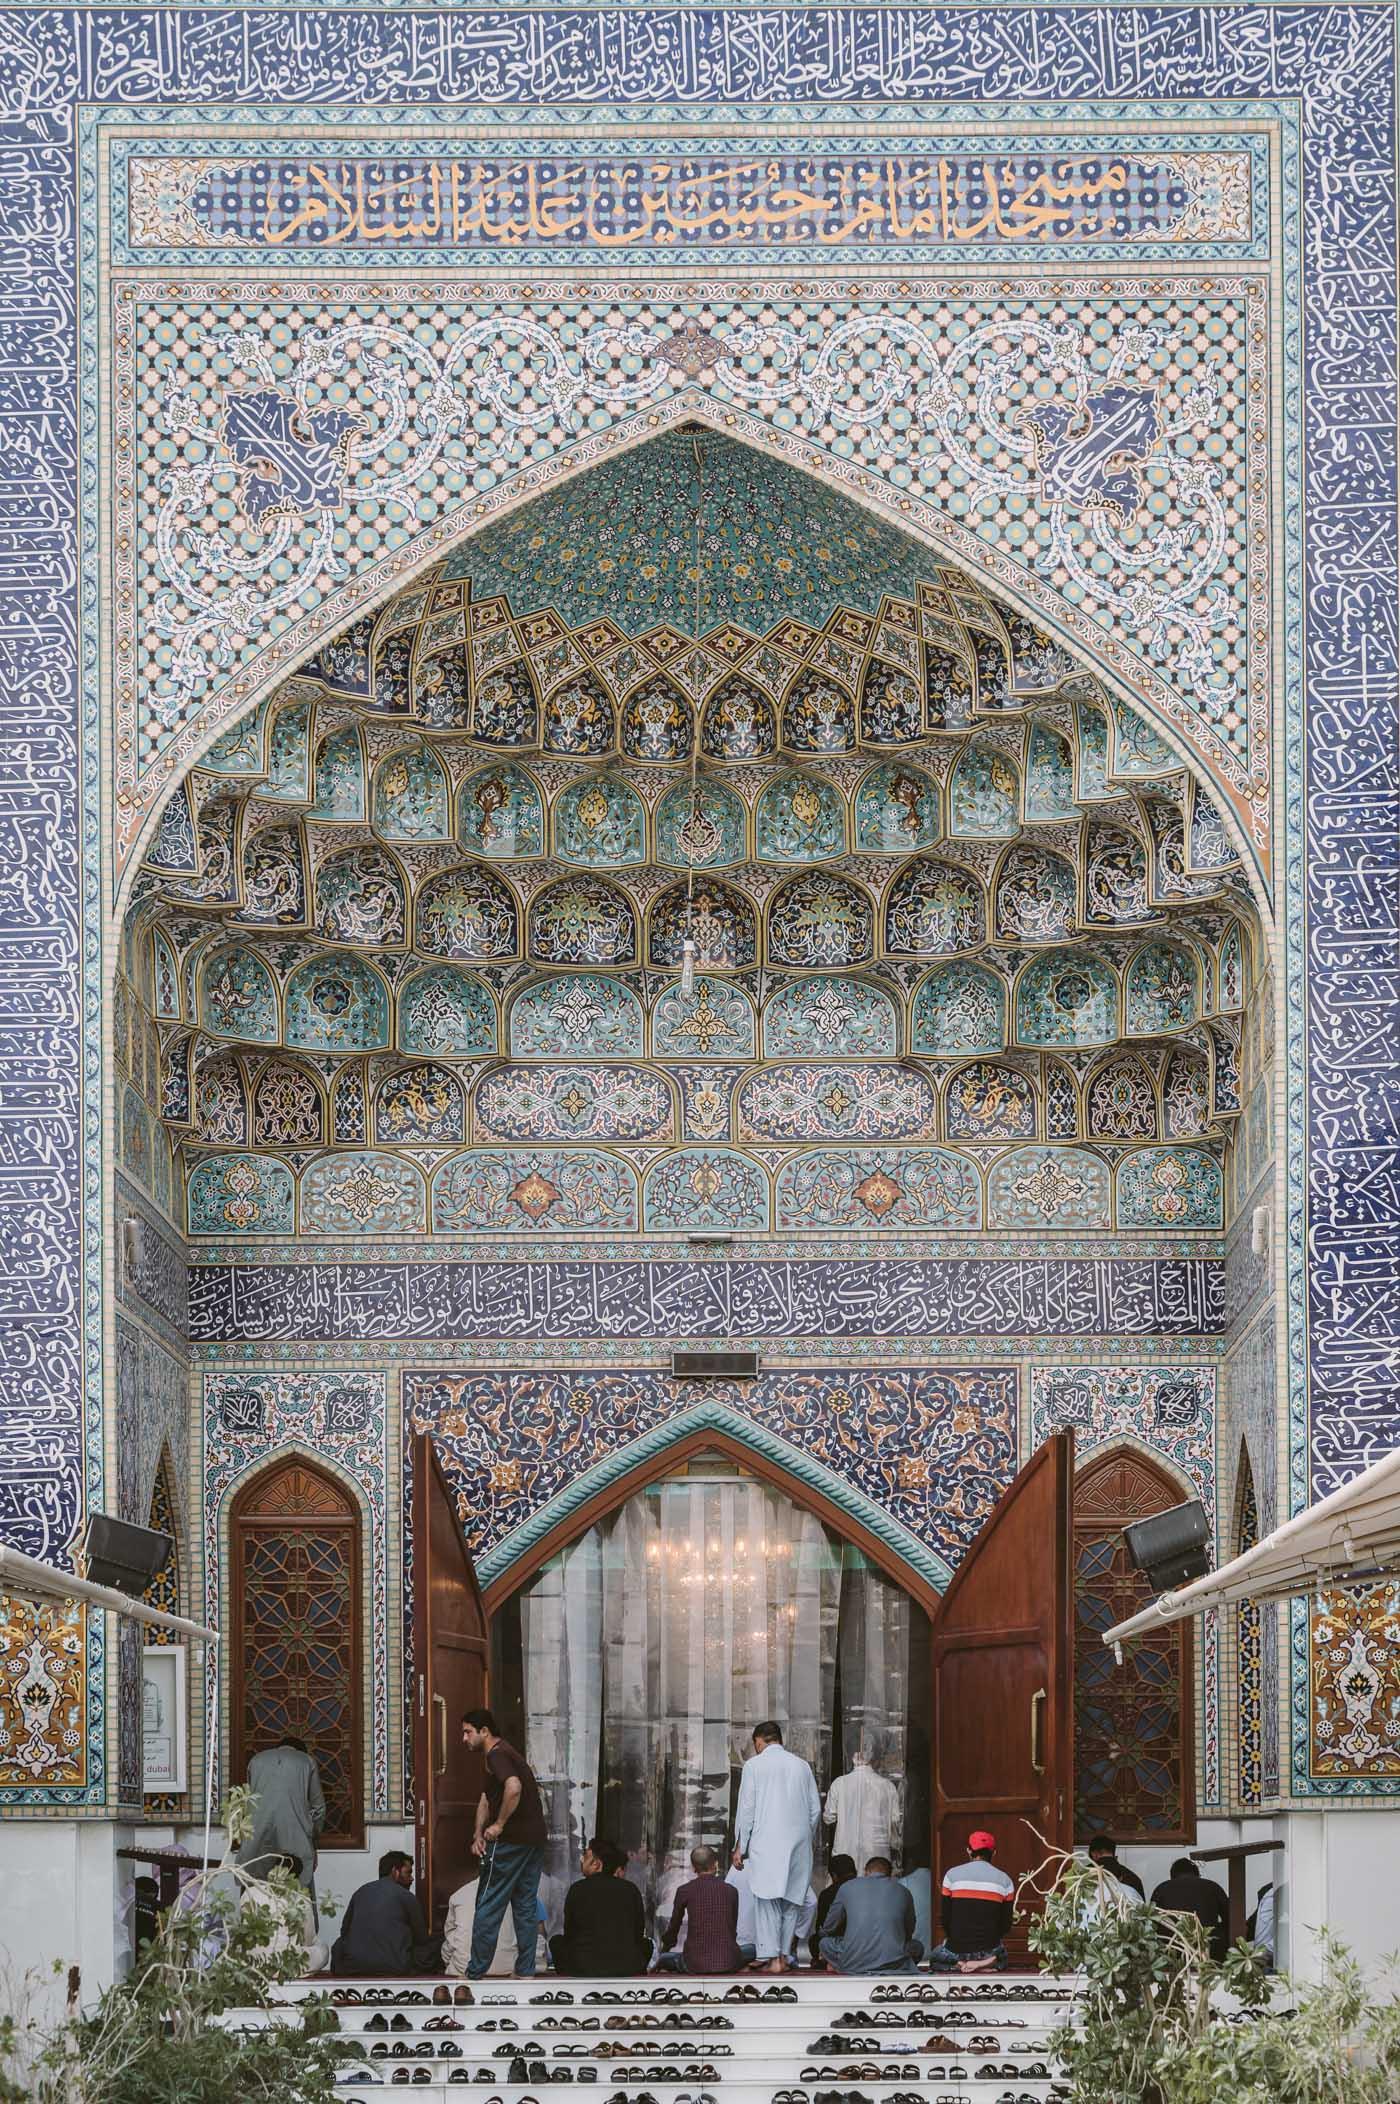 Imam Hussein mosque in Dubai